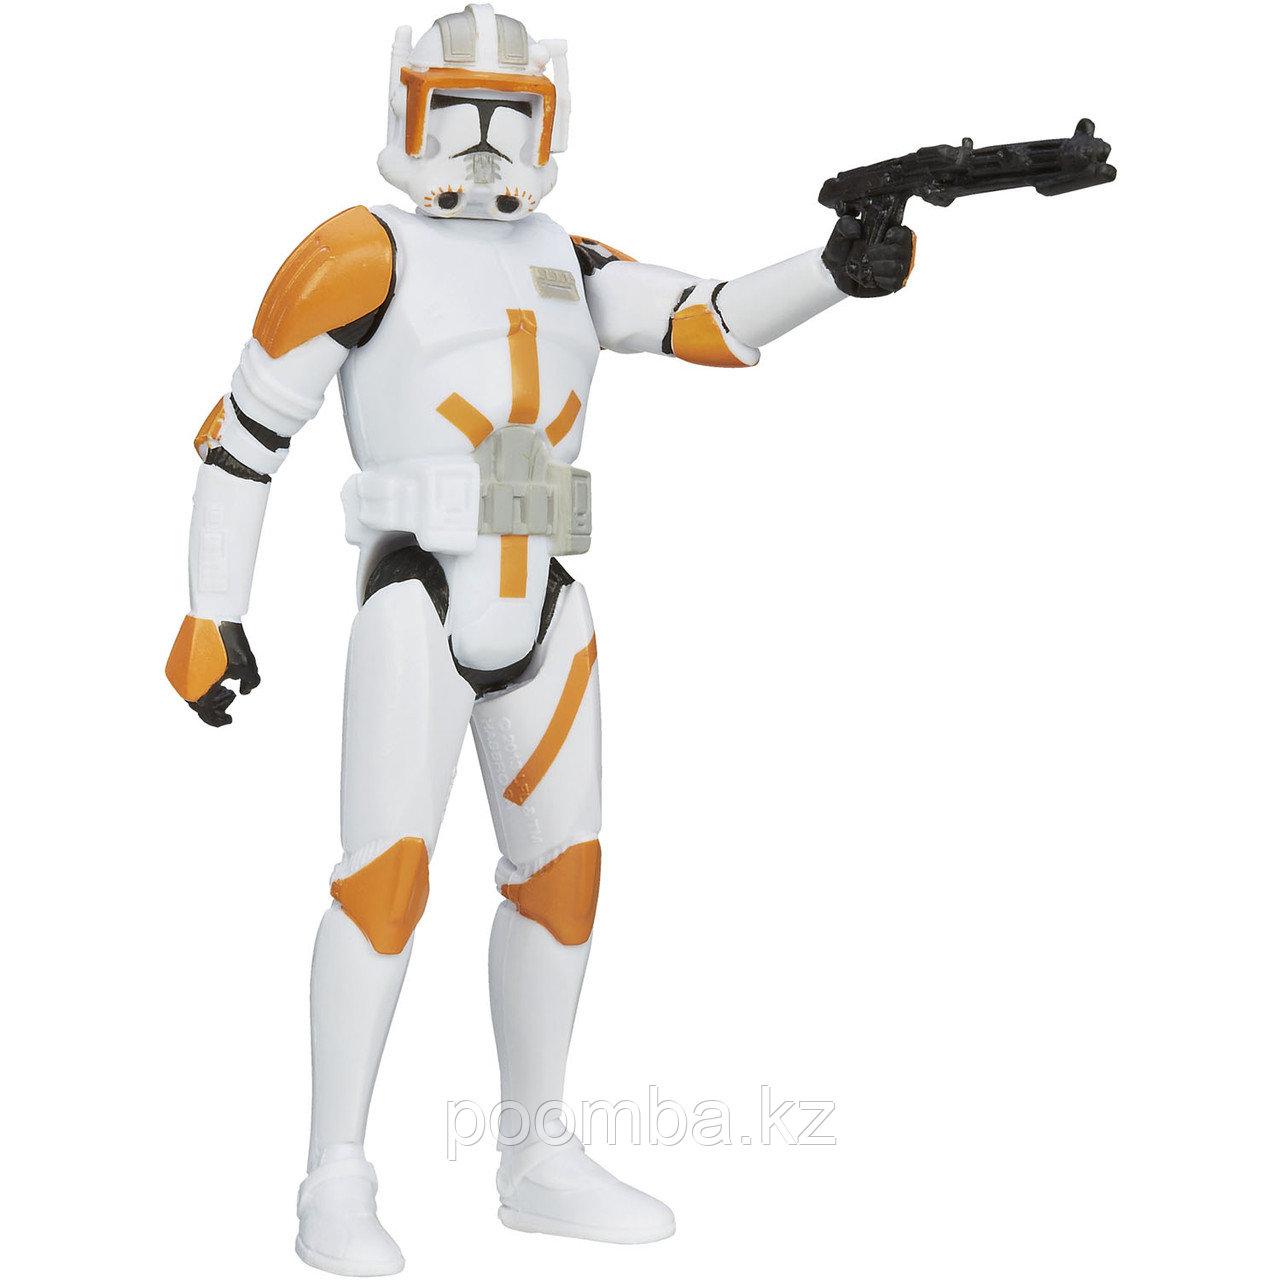 Фигурка Clone Commander Cody SL12, из серии 'Star Wars' (Звездные войны)